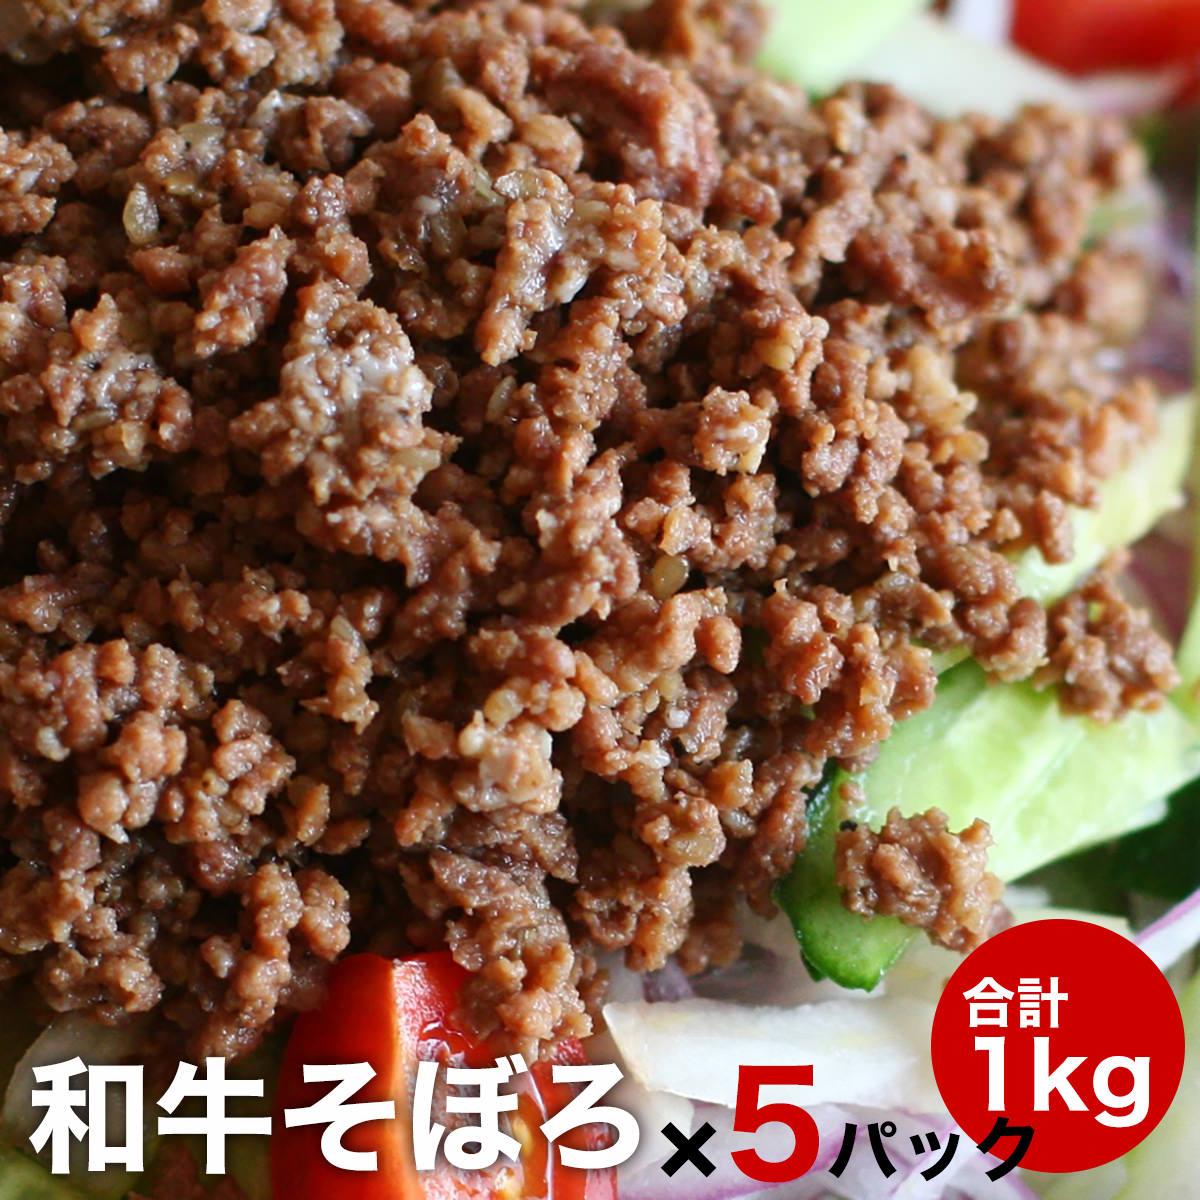 勝光治のおすすめ 和牛そぼろの肉200g×5パック